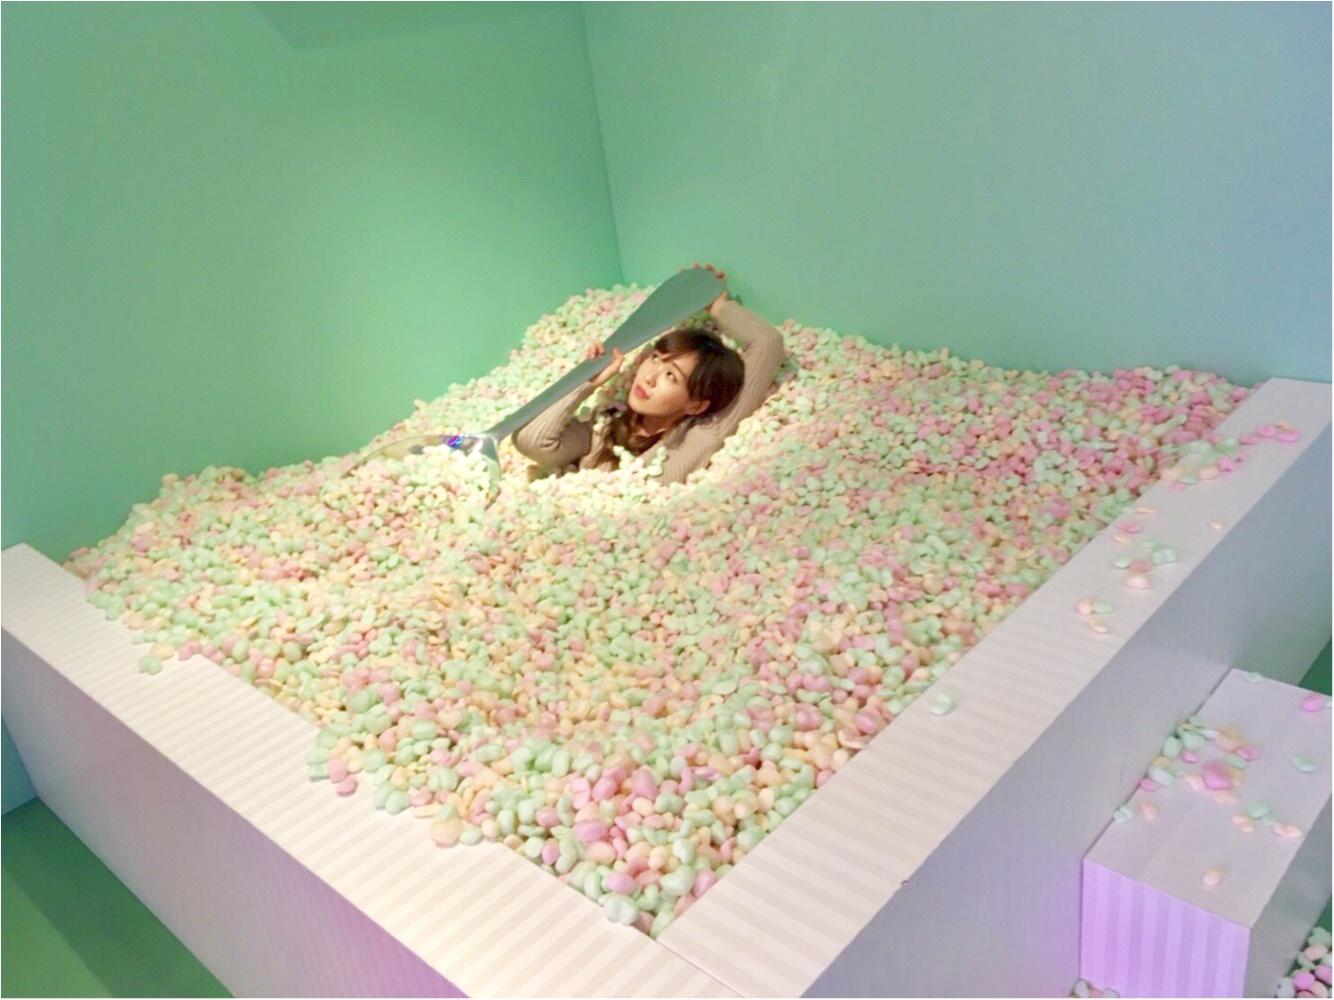 カメラ女子必見! あの、フォトジェニック・アート展『VINYL MUSEUM(ビニール・ミュージアム)』が、さらに可愛くなって帰ってきた!!_1_4